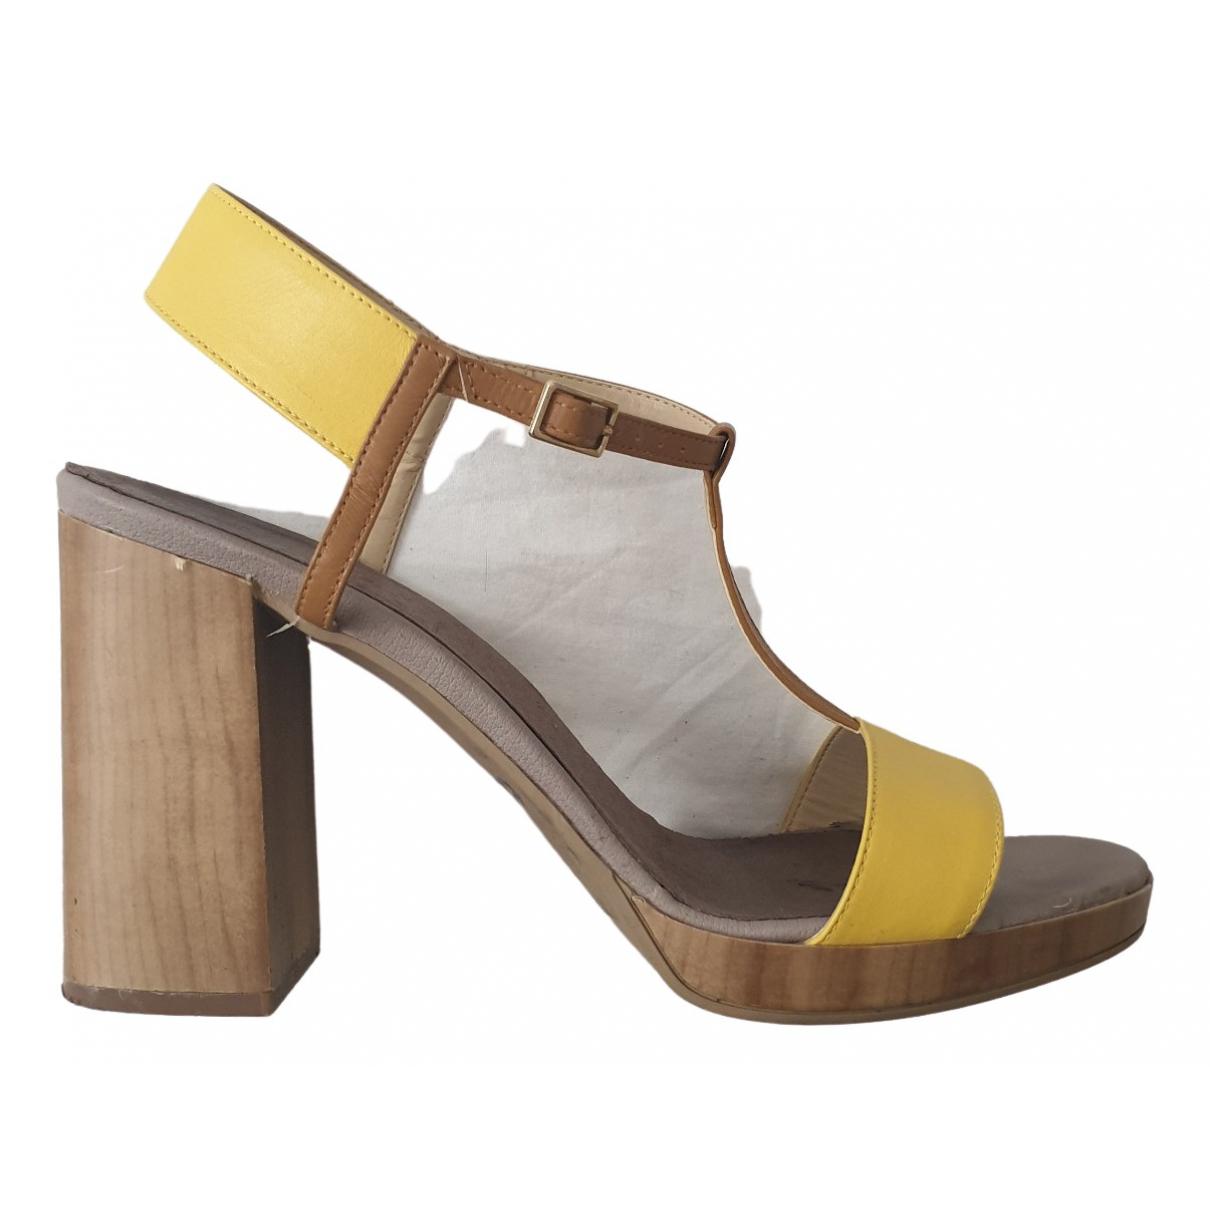 Sandalias romanas de Cuero Rizzoli